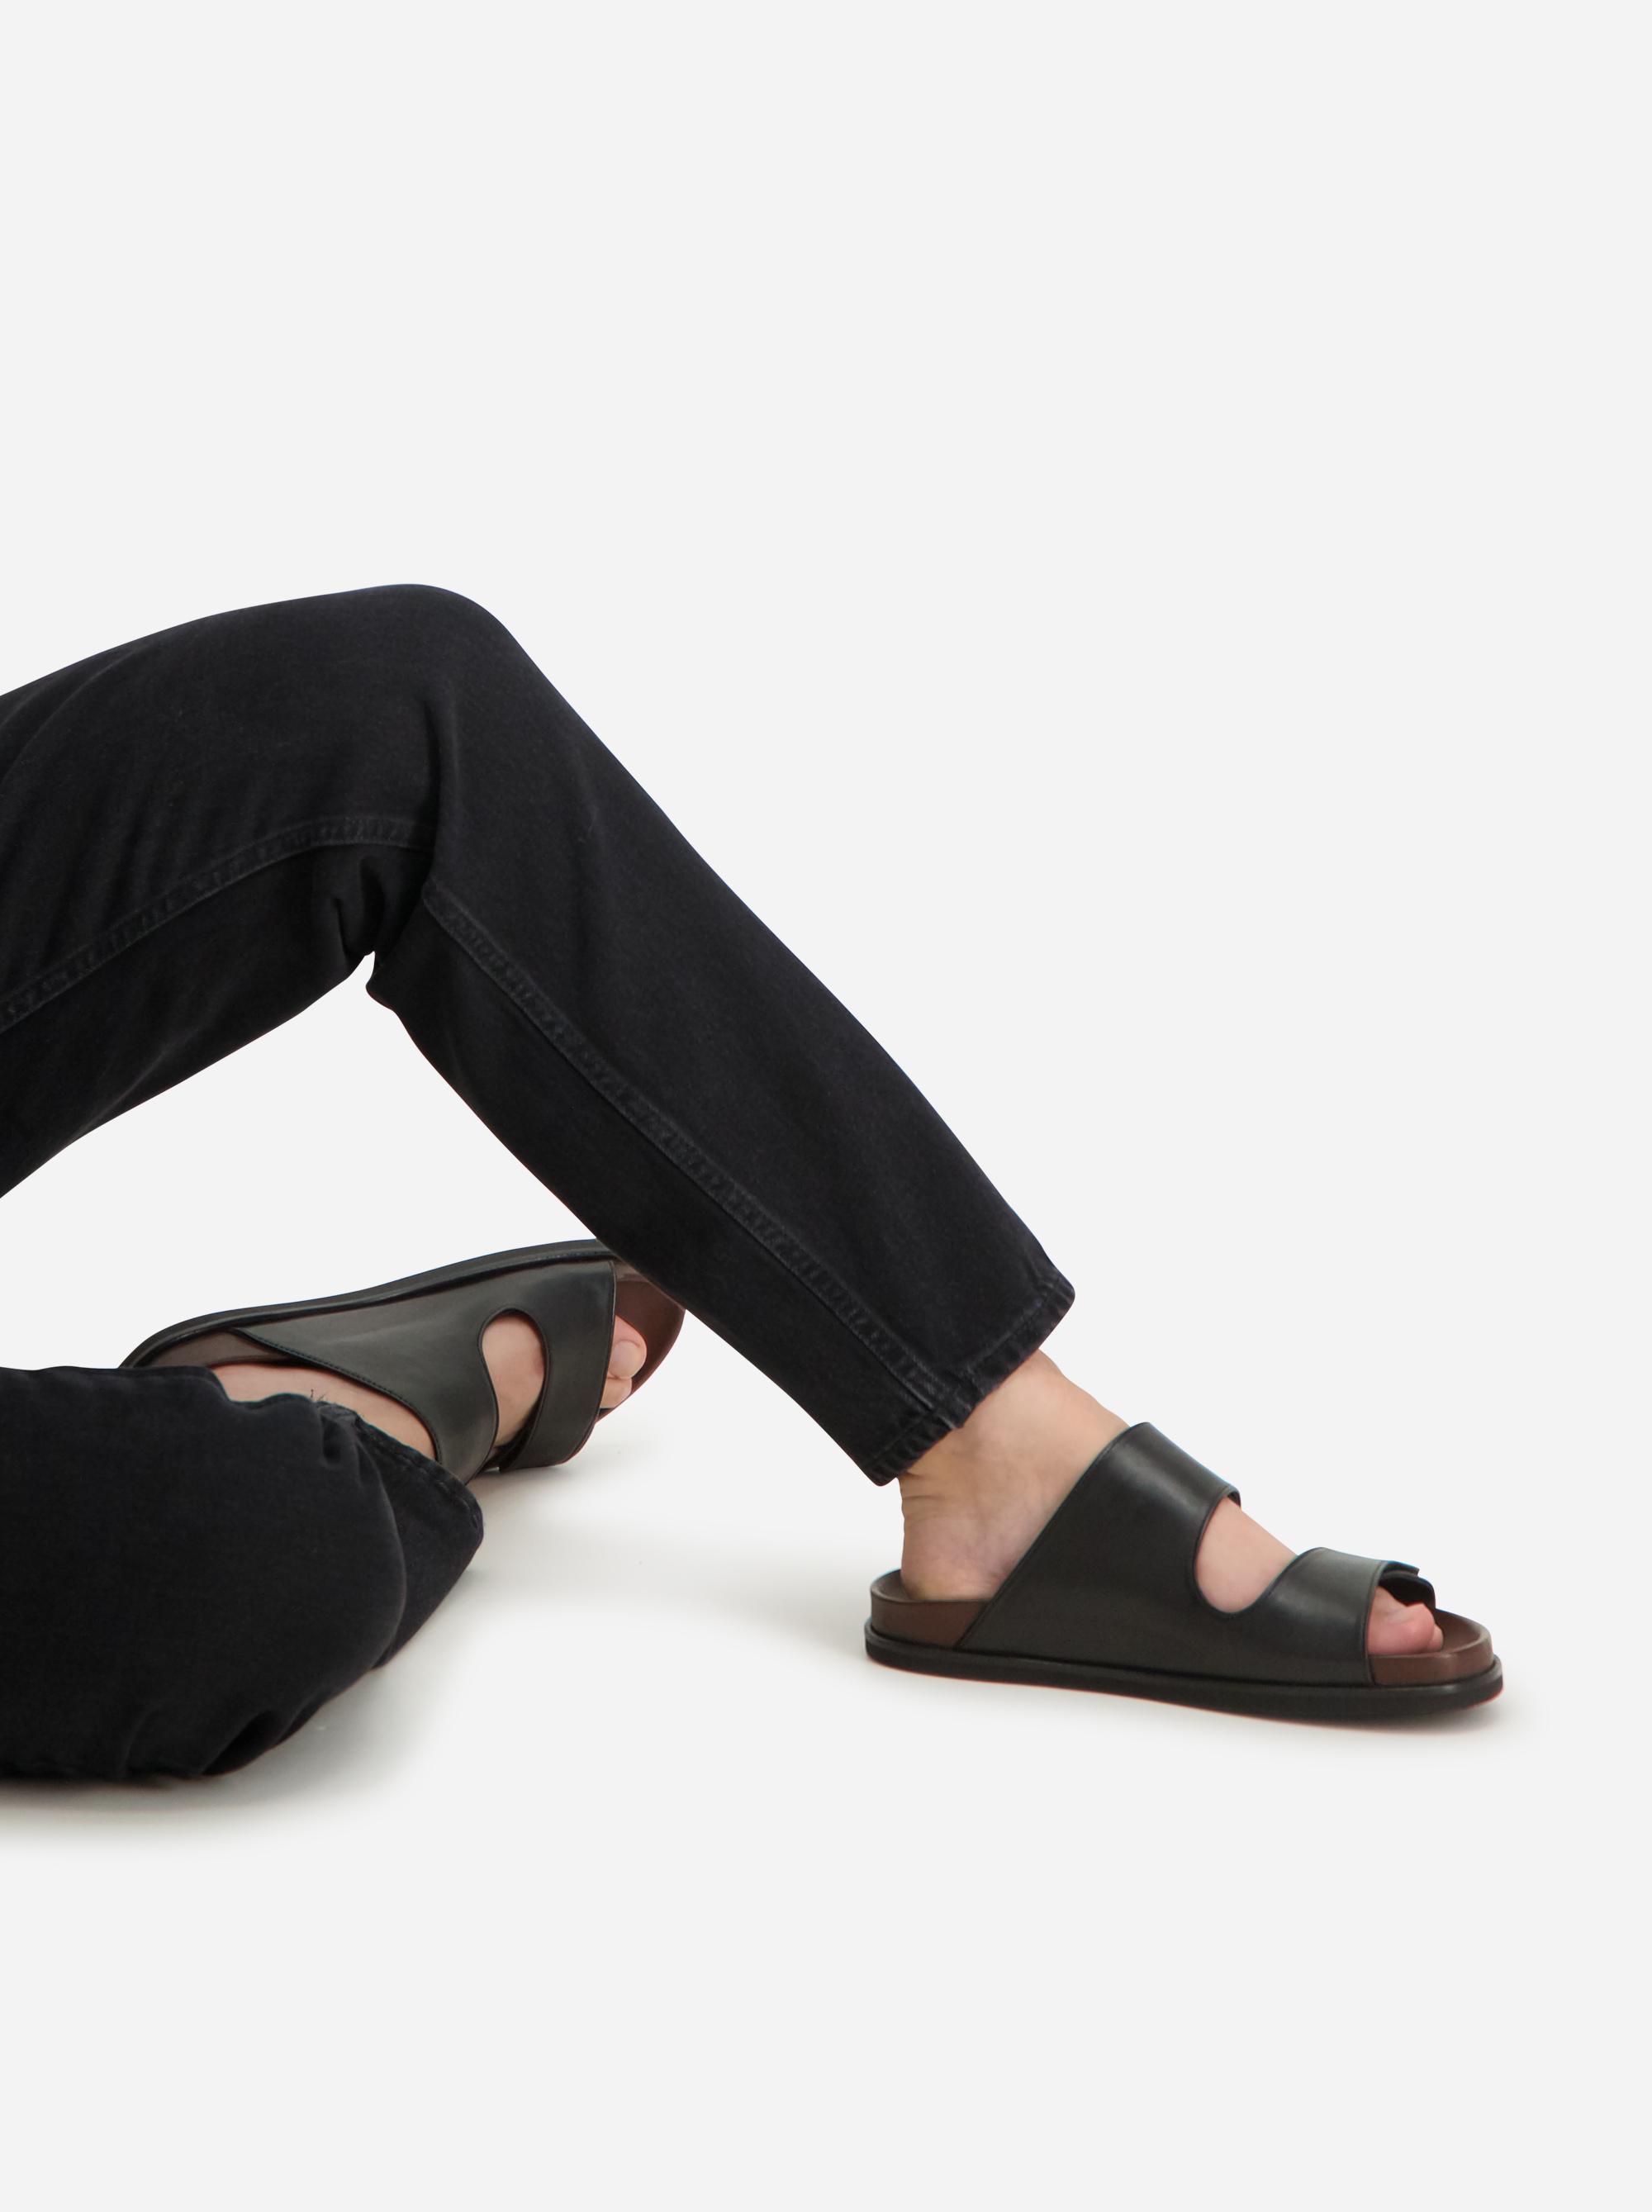 Teym - The Sandal - Men - Black - 2